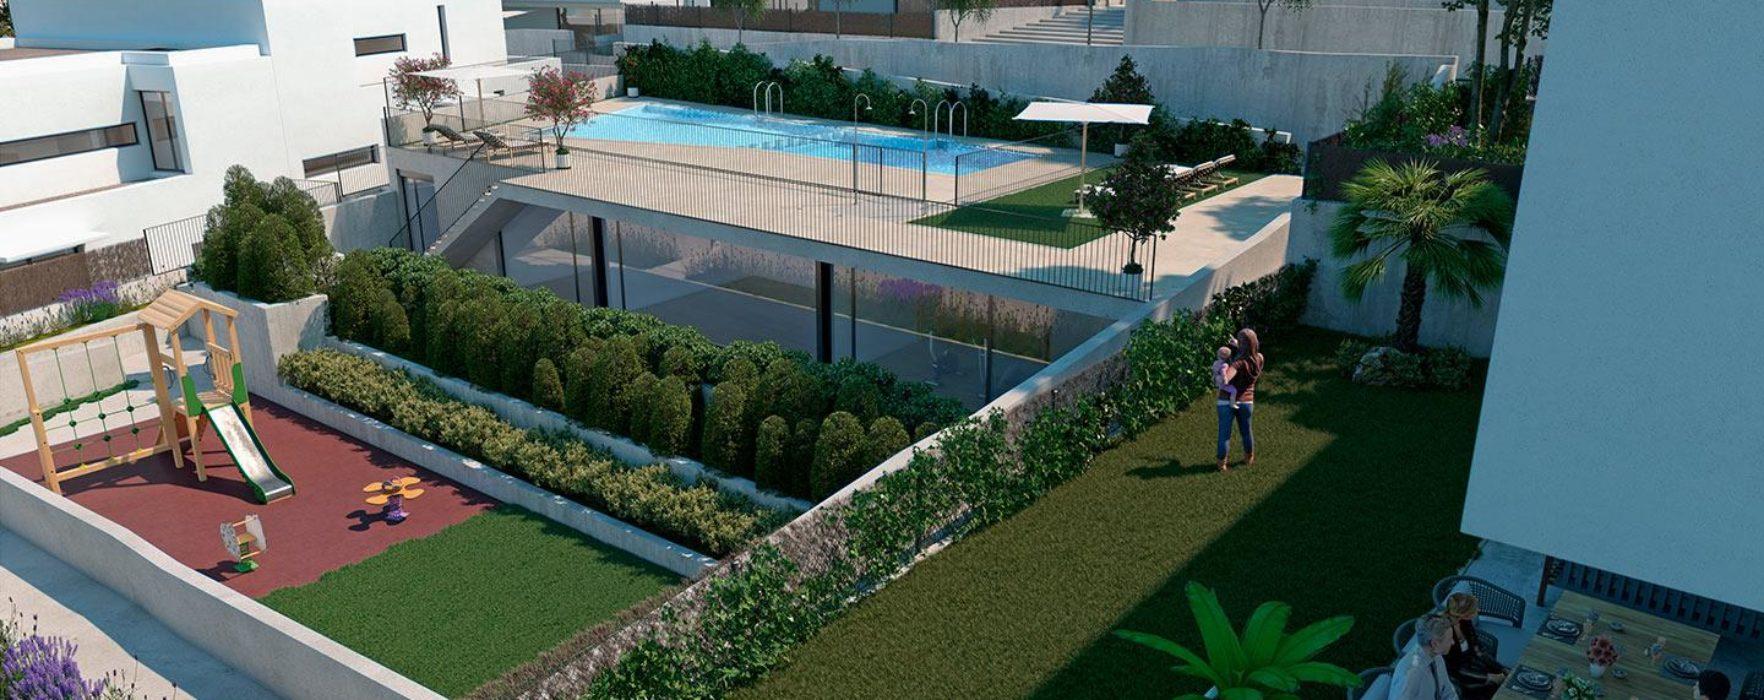 A 20 minutos de Madrid rodeado de naturaleza: así es tu casa soñada en Boadilla del Monte